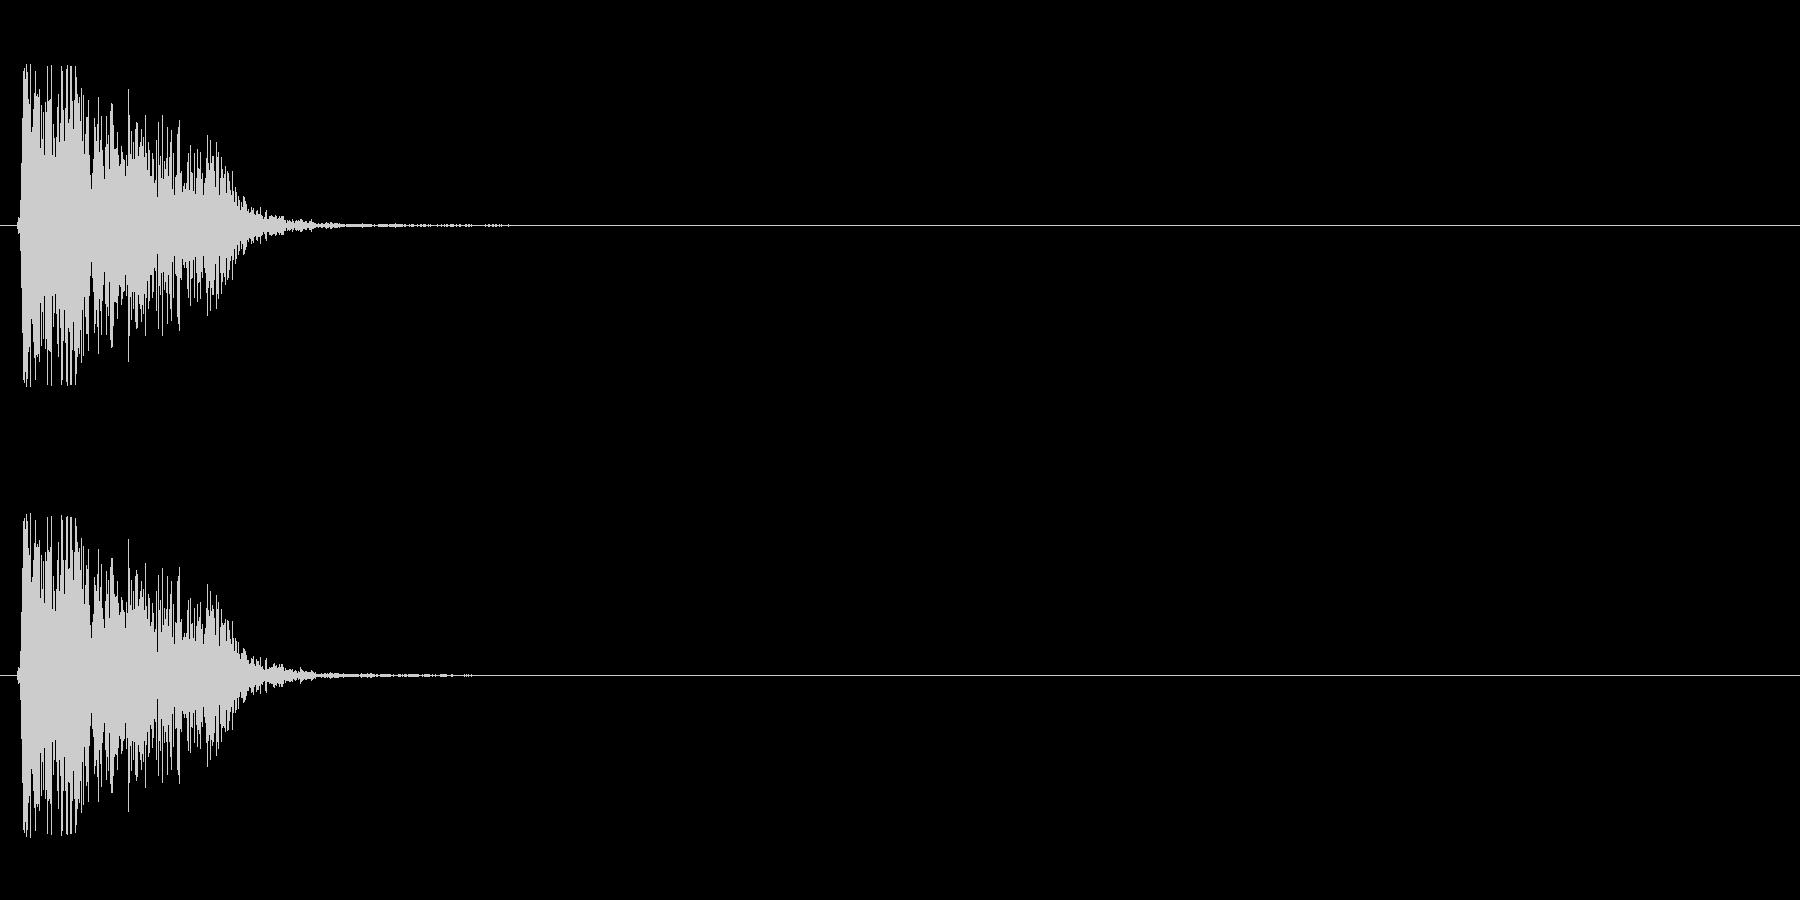 【打撃02-1】の未再生の波形